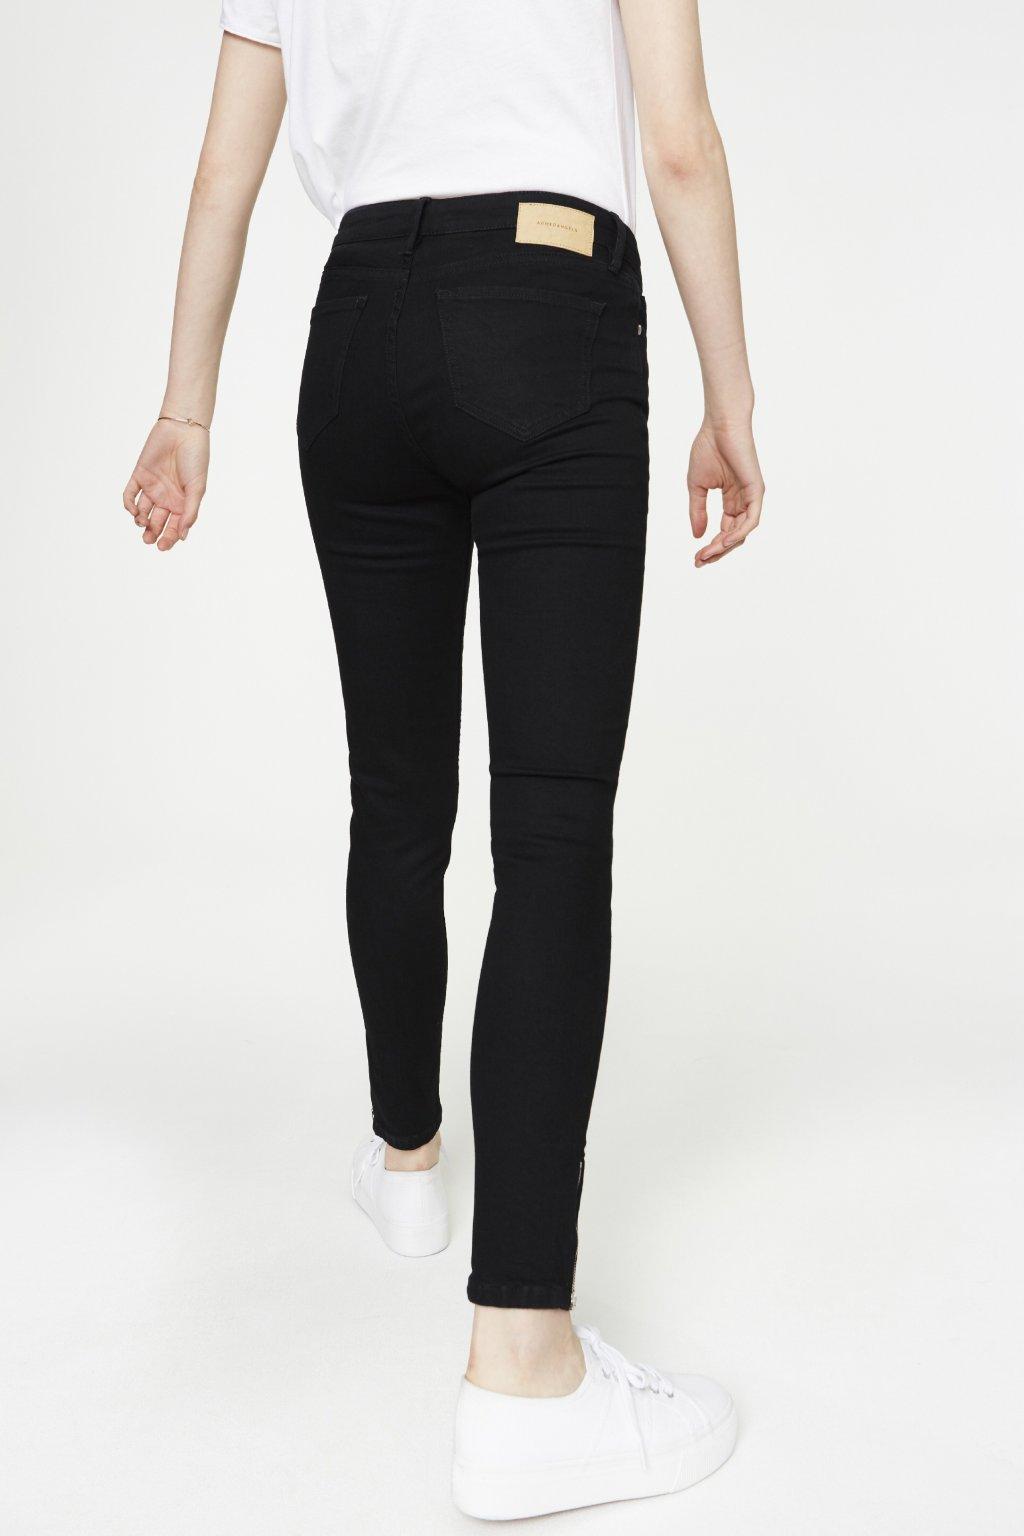 """Dámské černé džíny se zipem z biobavlny """"Tilly Cropped"""" (Velikost 26/32)"""